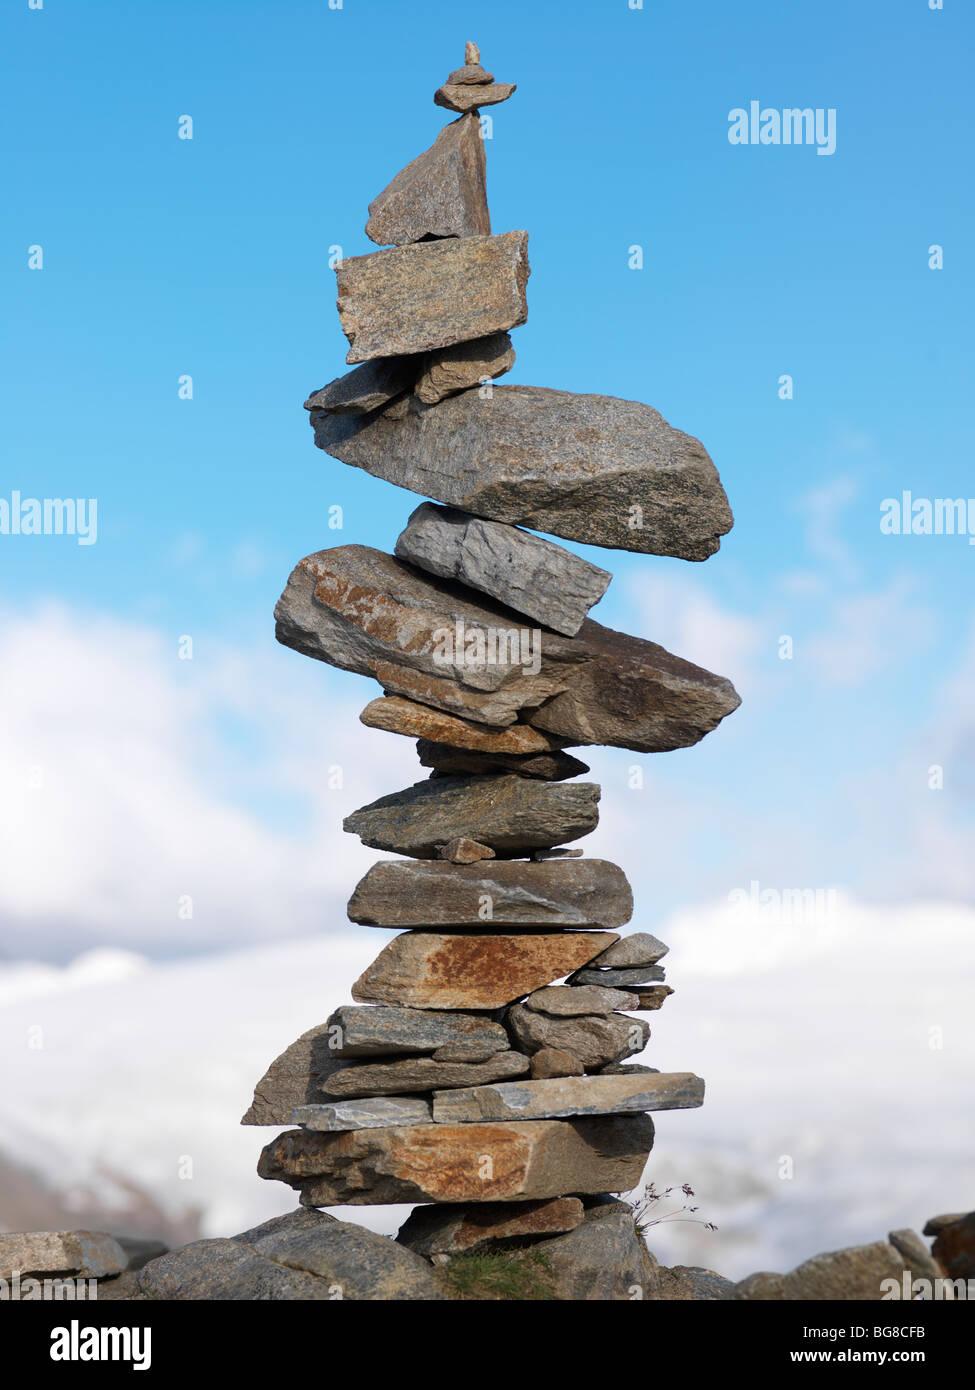 La Svizzera, Vallese, Zermatt, Gornergrat,un cairn equilibrato di rocce Immagini Stock